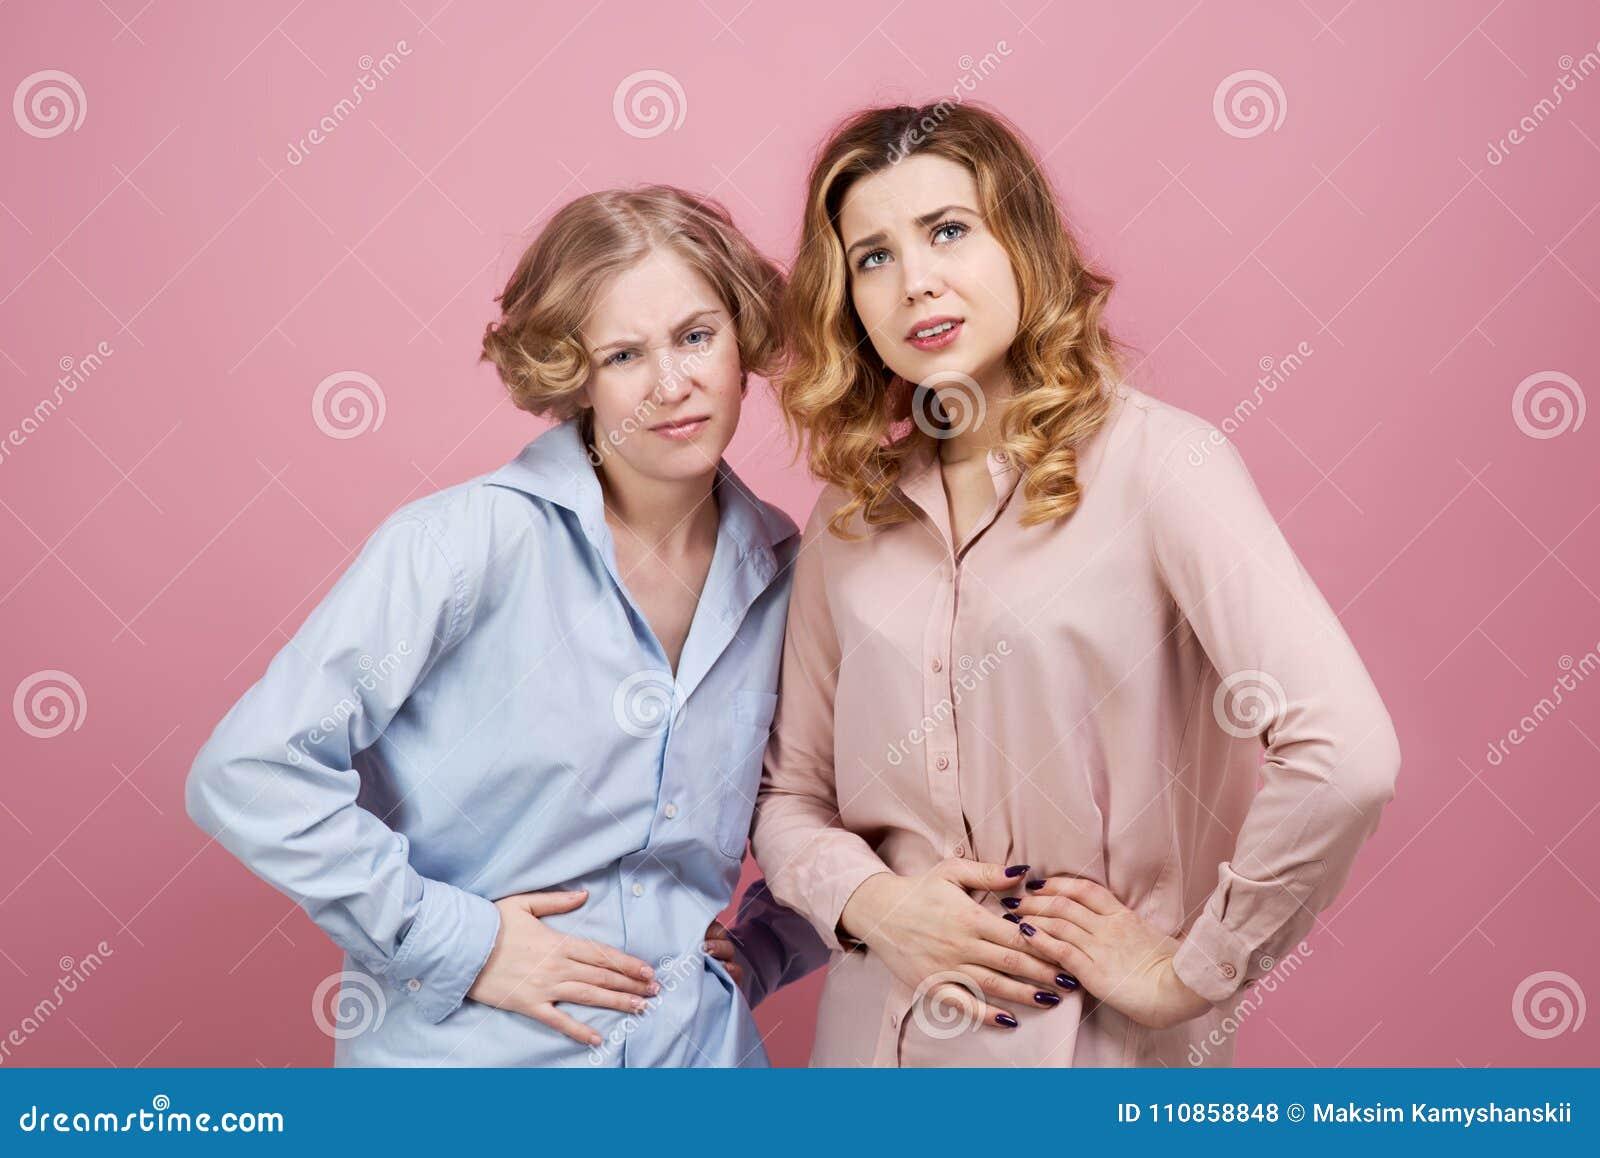 Twee jonge vrouwengreep op hun buiken met het lijden van aan uitdrukking Studioportret op roze achtergrond